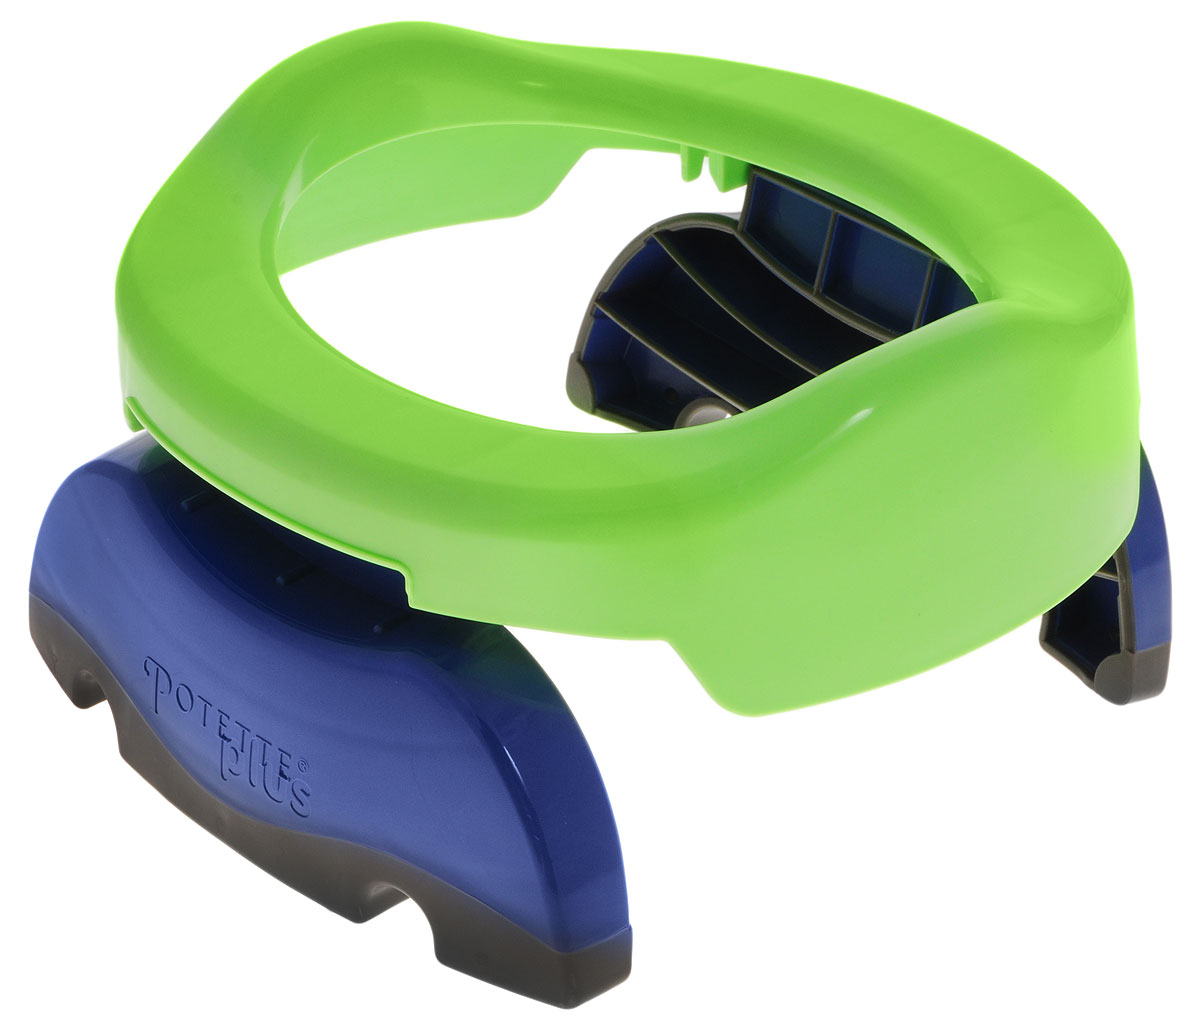 Дорожный горшок Potette Plus, цвет: зеленый дорожный складной горшок potette plus